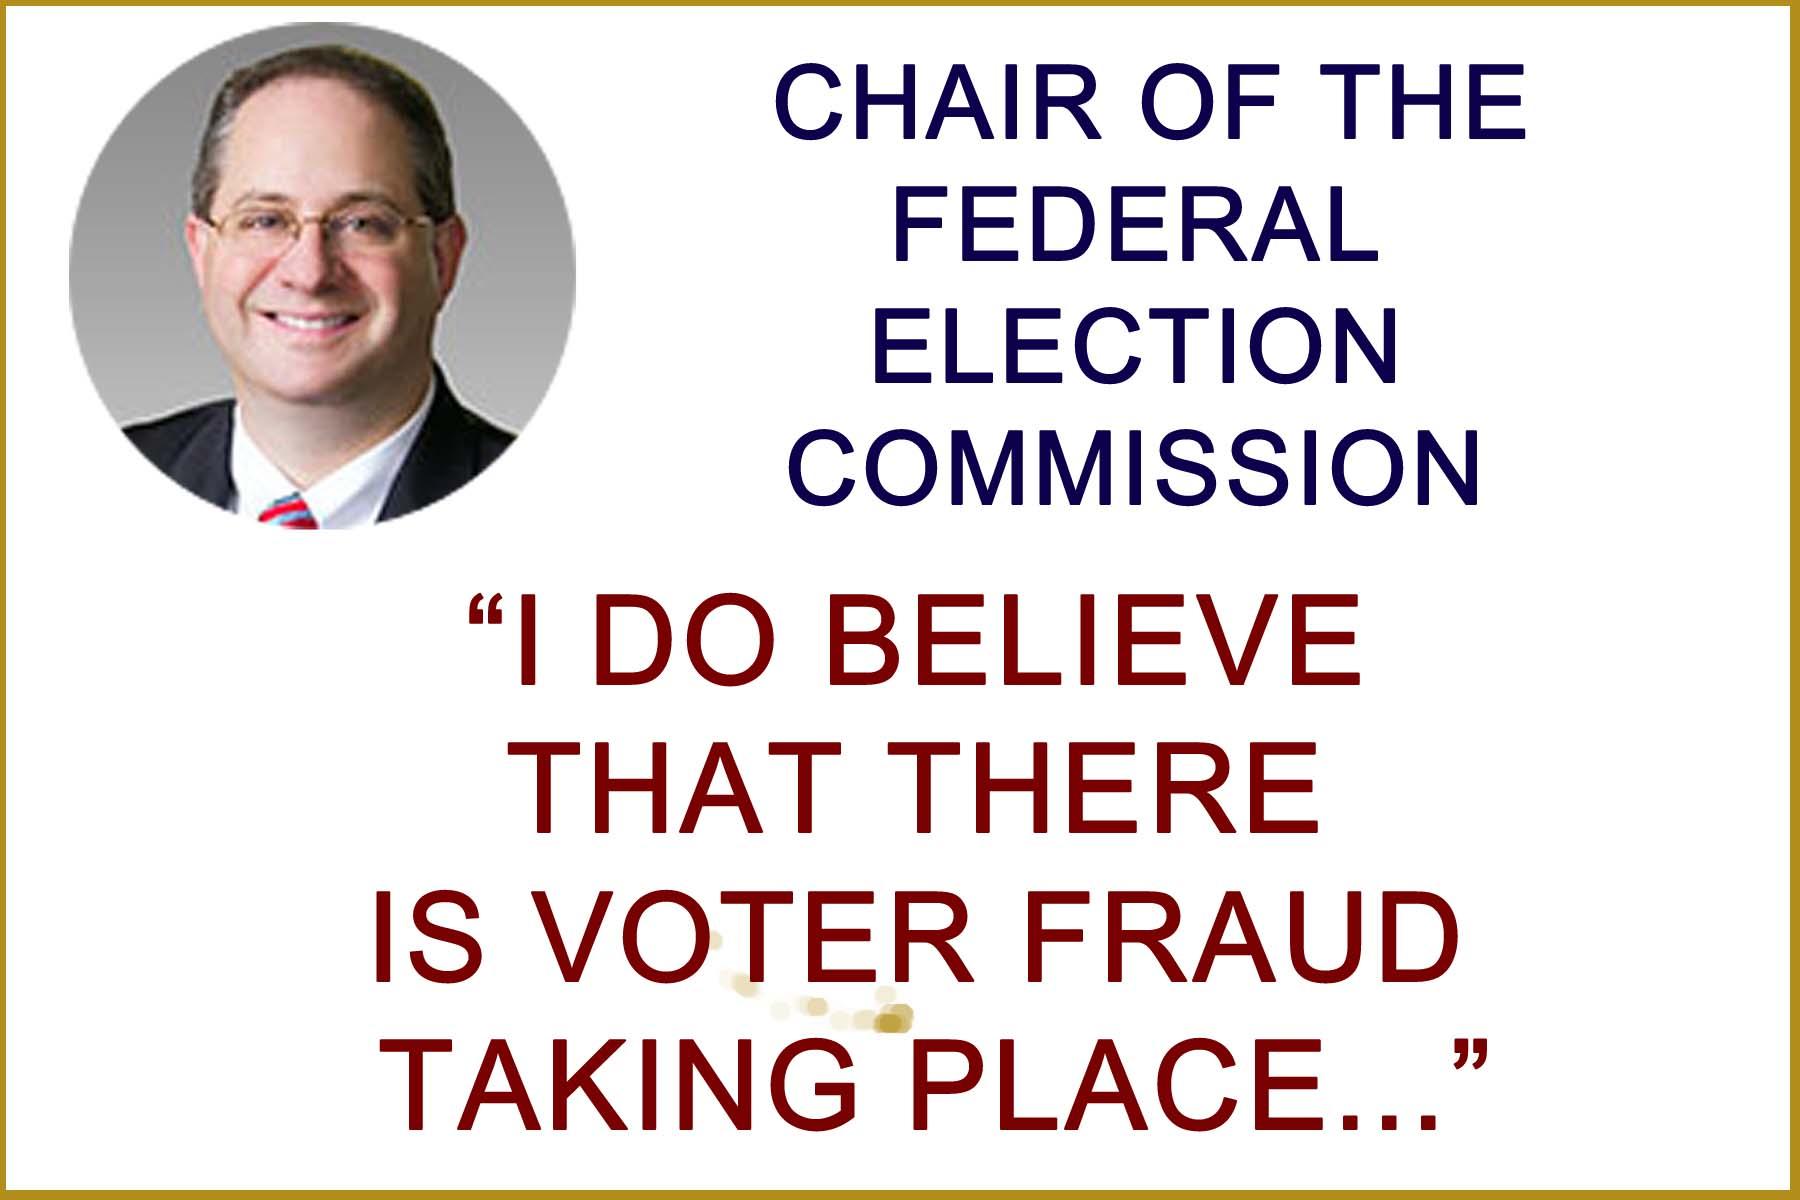 FEC Chairman on Voter Fraud